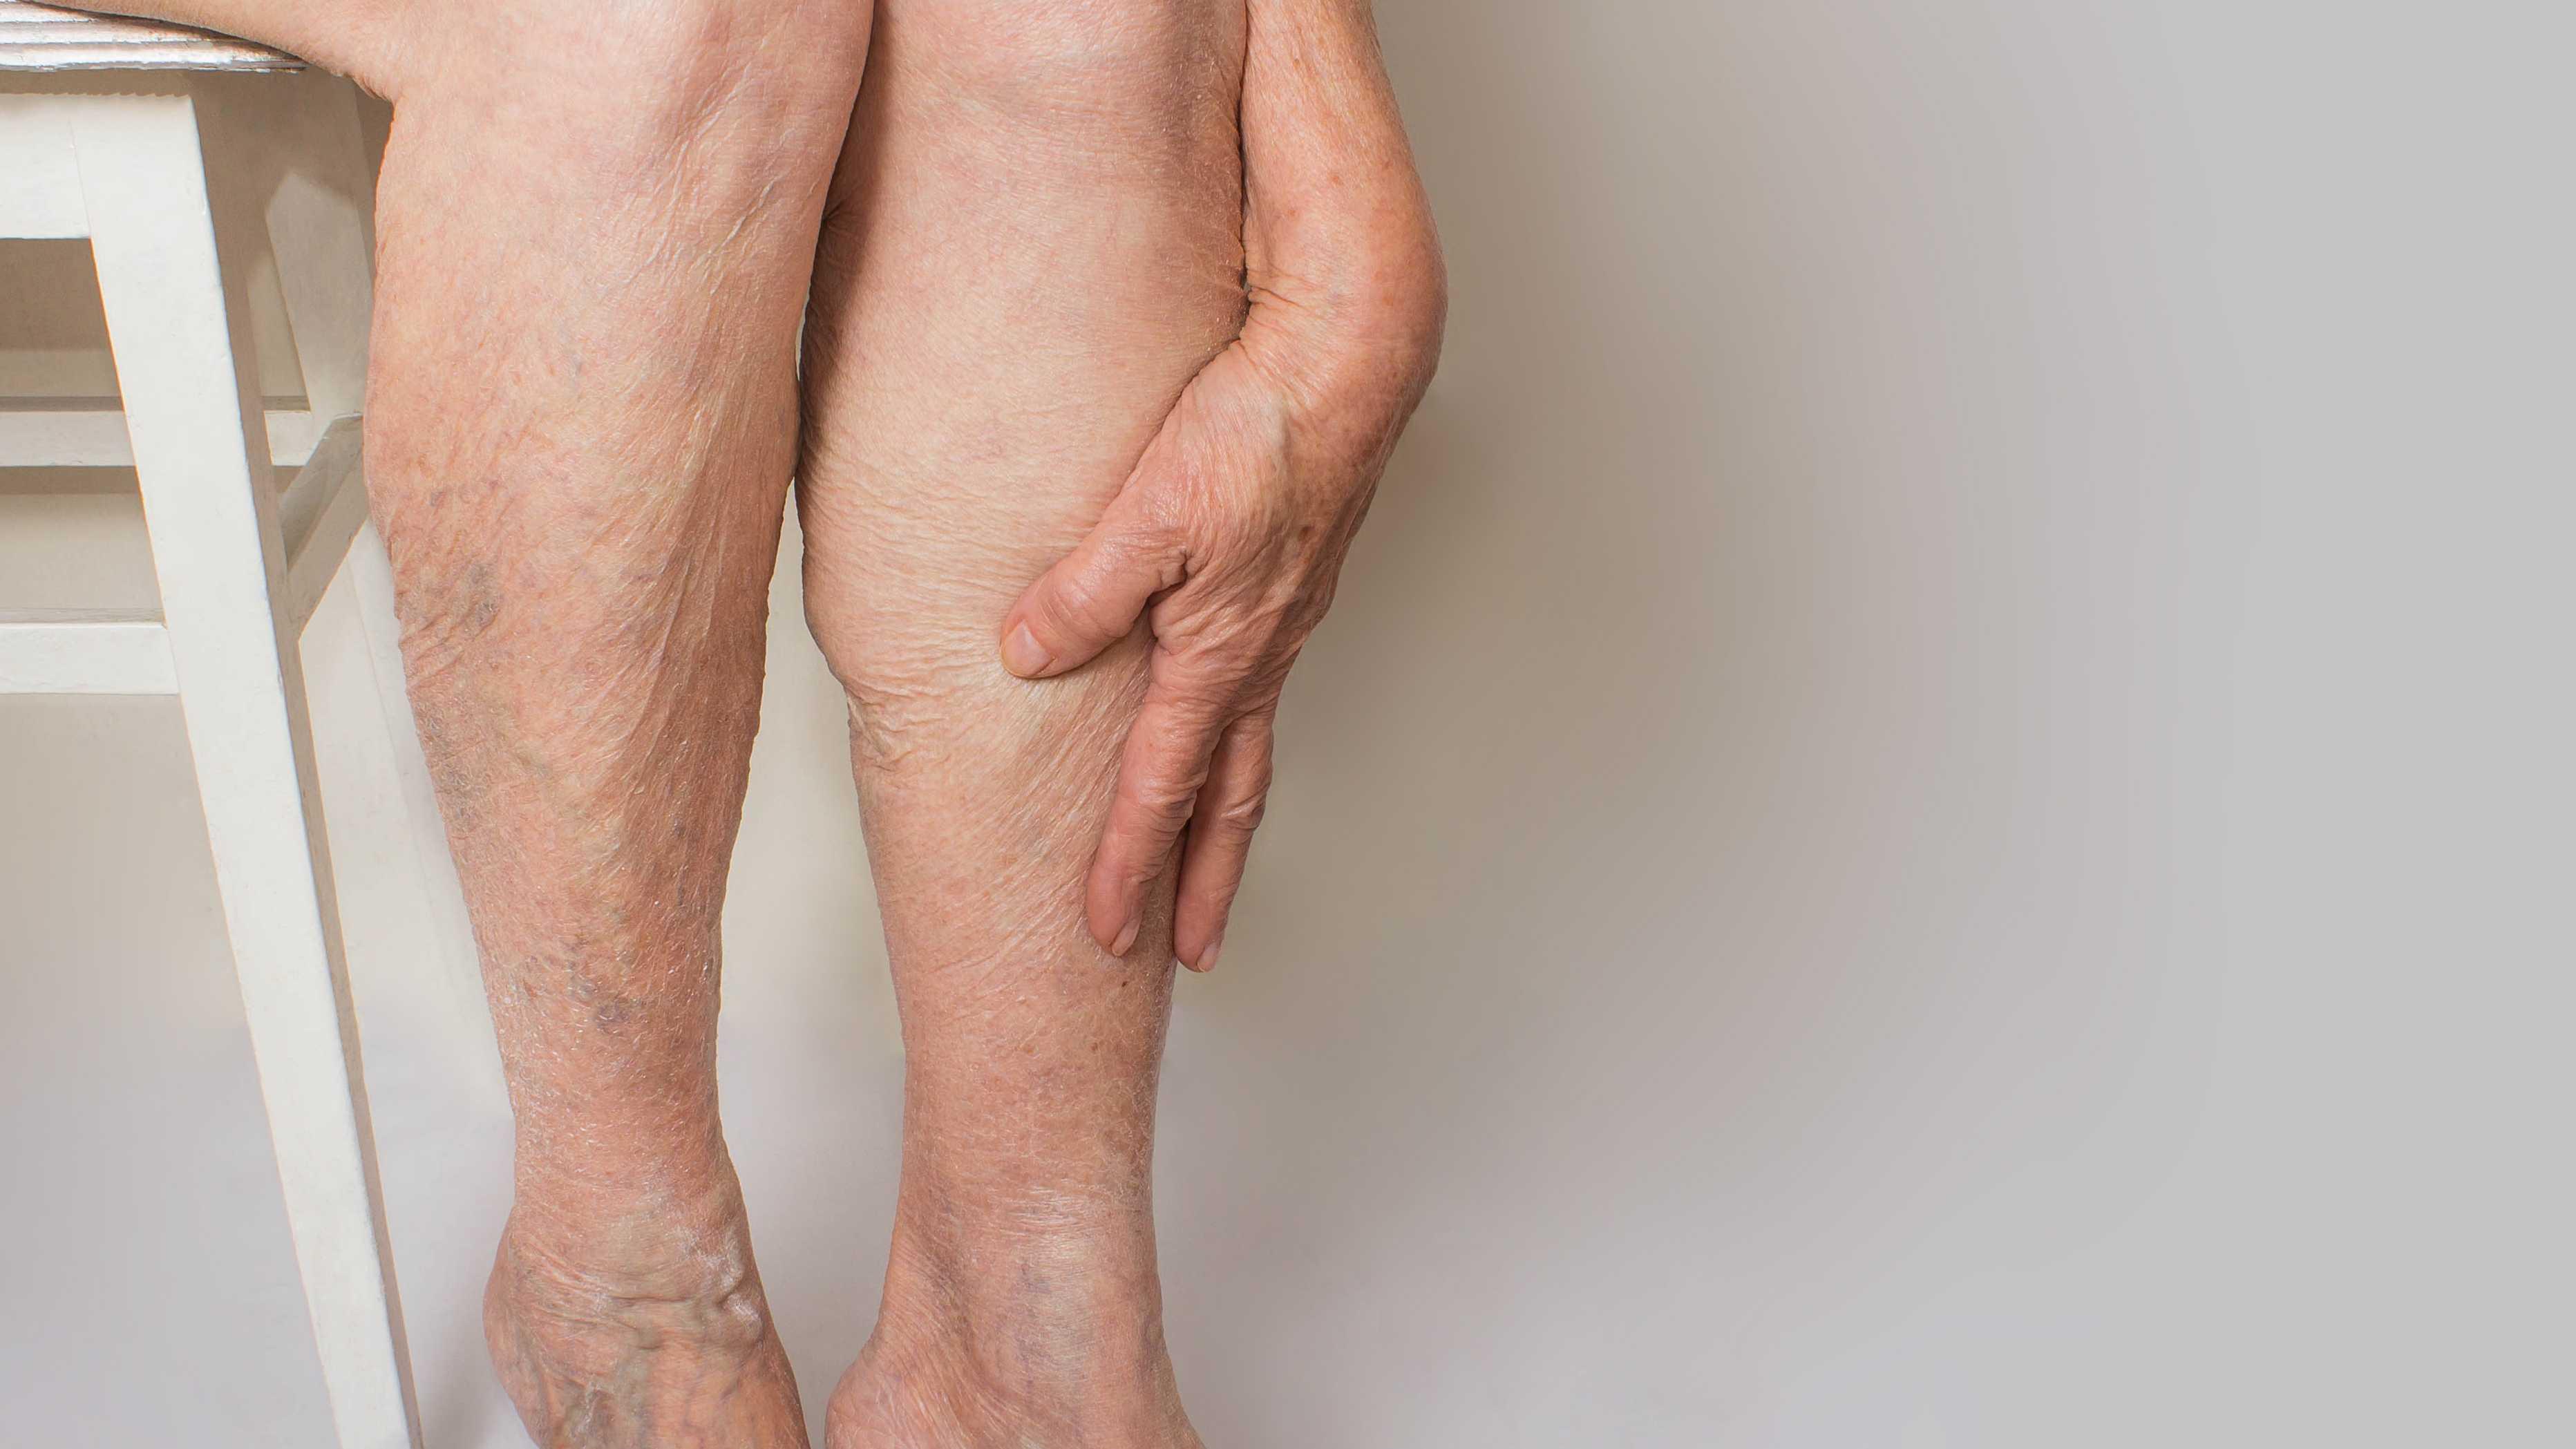 12 ways to rein in varicose vein pain